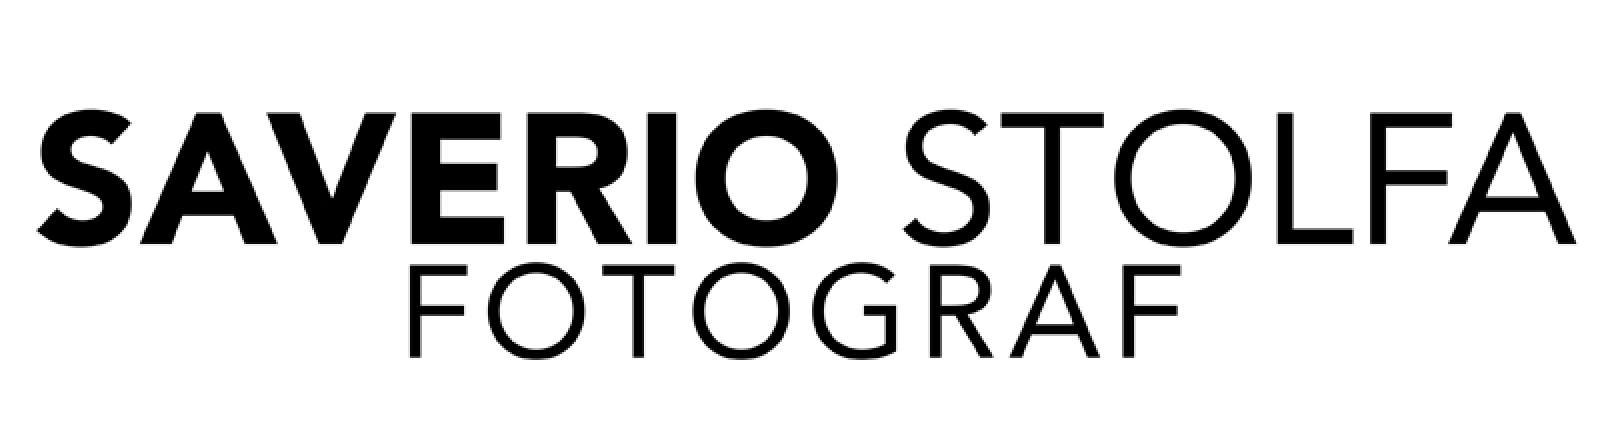 Saverio Stolfa